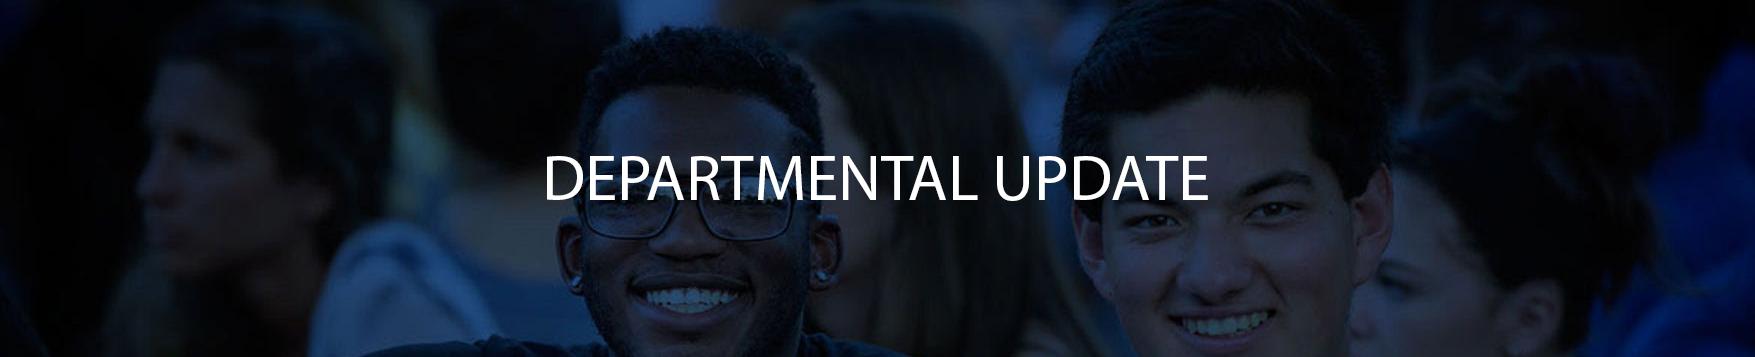 Departmental Update